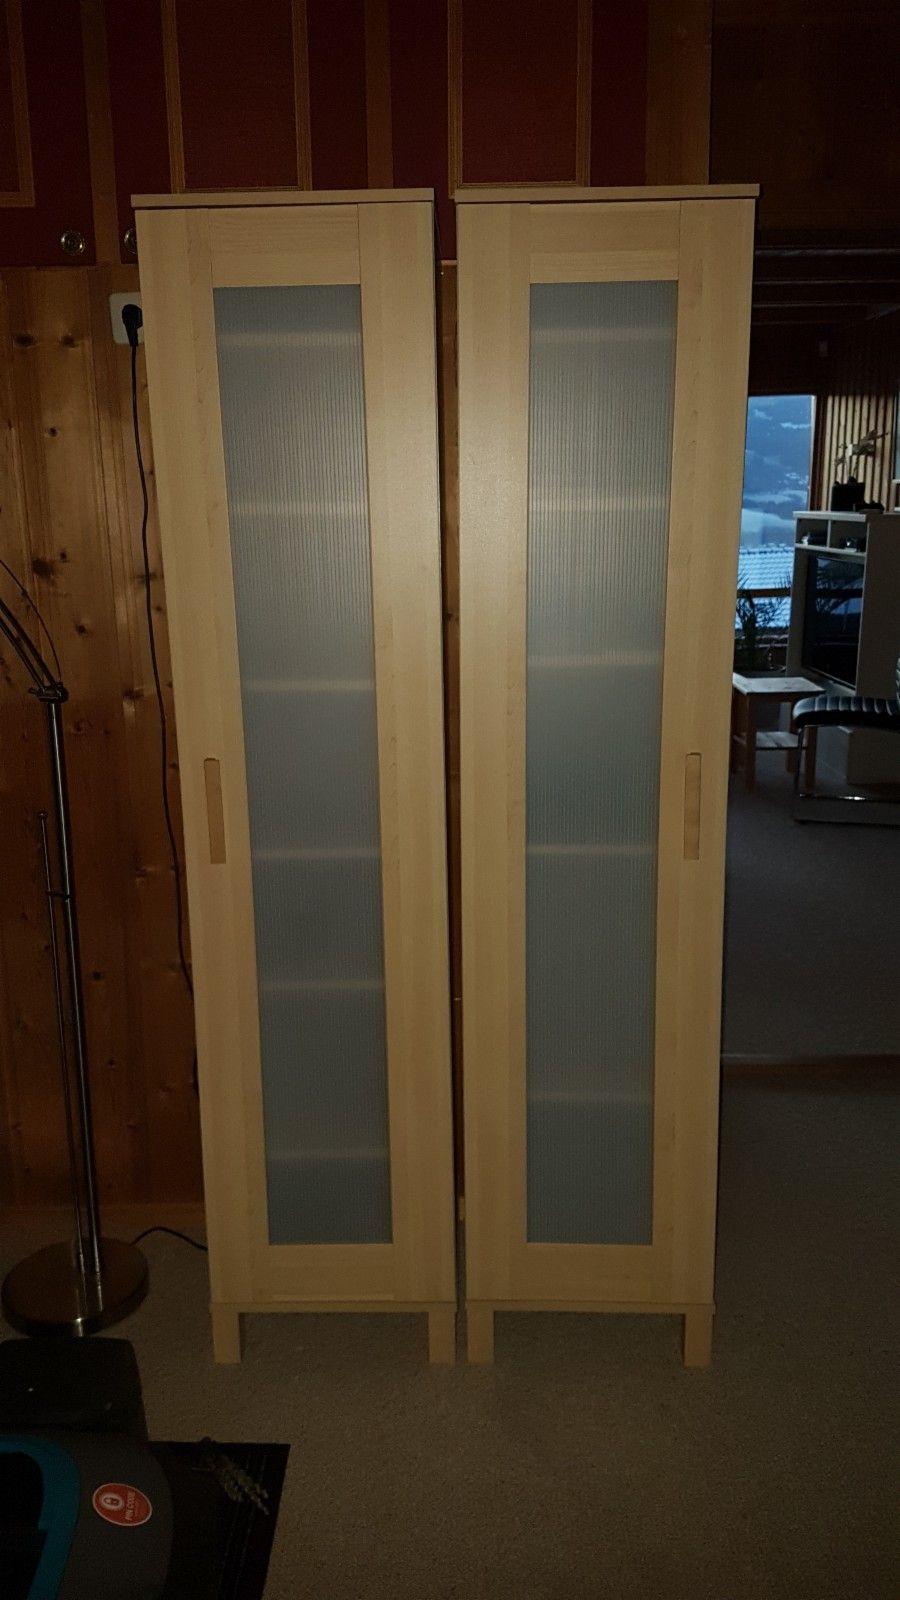 Aneboda skap-Ikea - Lillehammer  - 2 stk Ikea skap, Aneboda. (det er 2 stk som står ved siden av hverandre på bildet) 40•40•180 med 6 justerbare hyller. Trefolie. - Lillehammer